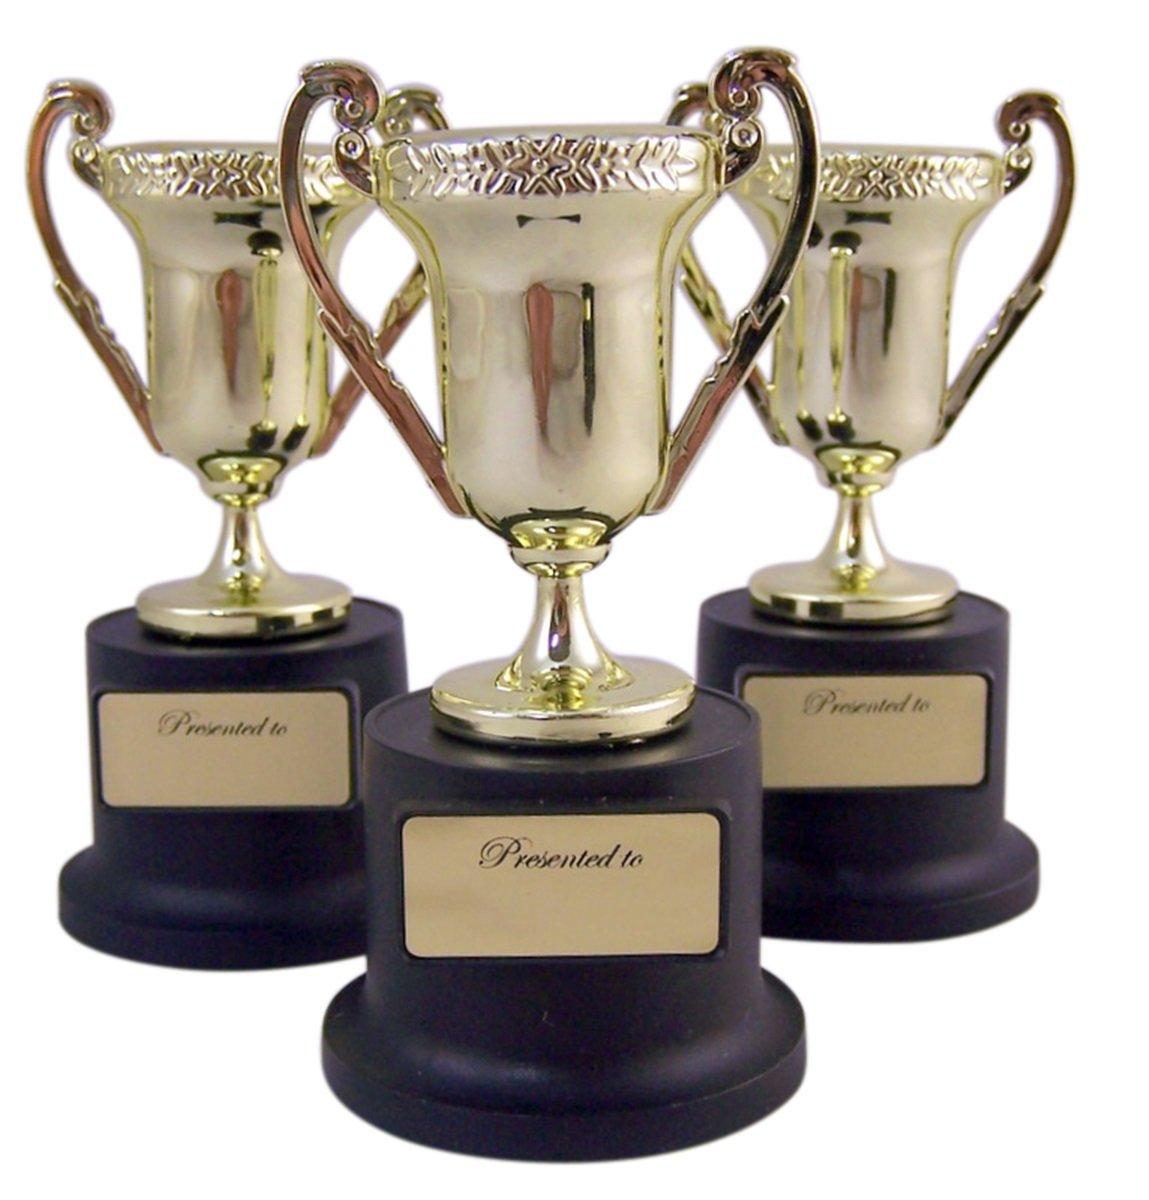 Forum Novelties 73318 スポーツアワードトロフィー 教師 子供用 カップパーティー用品 5インチ ゴールド/ブラック 24個パック B076M5MSN8